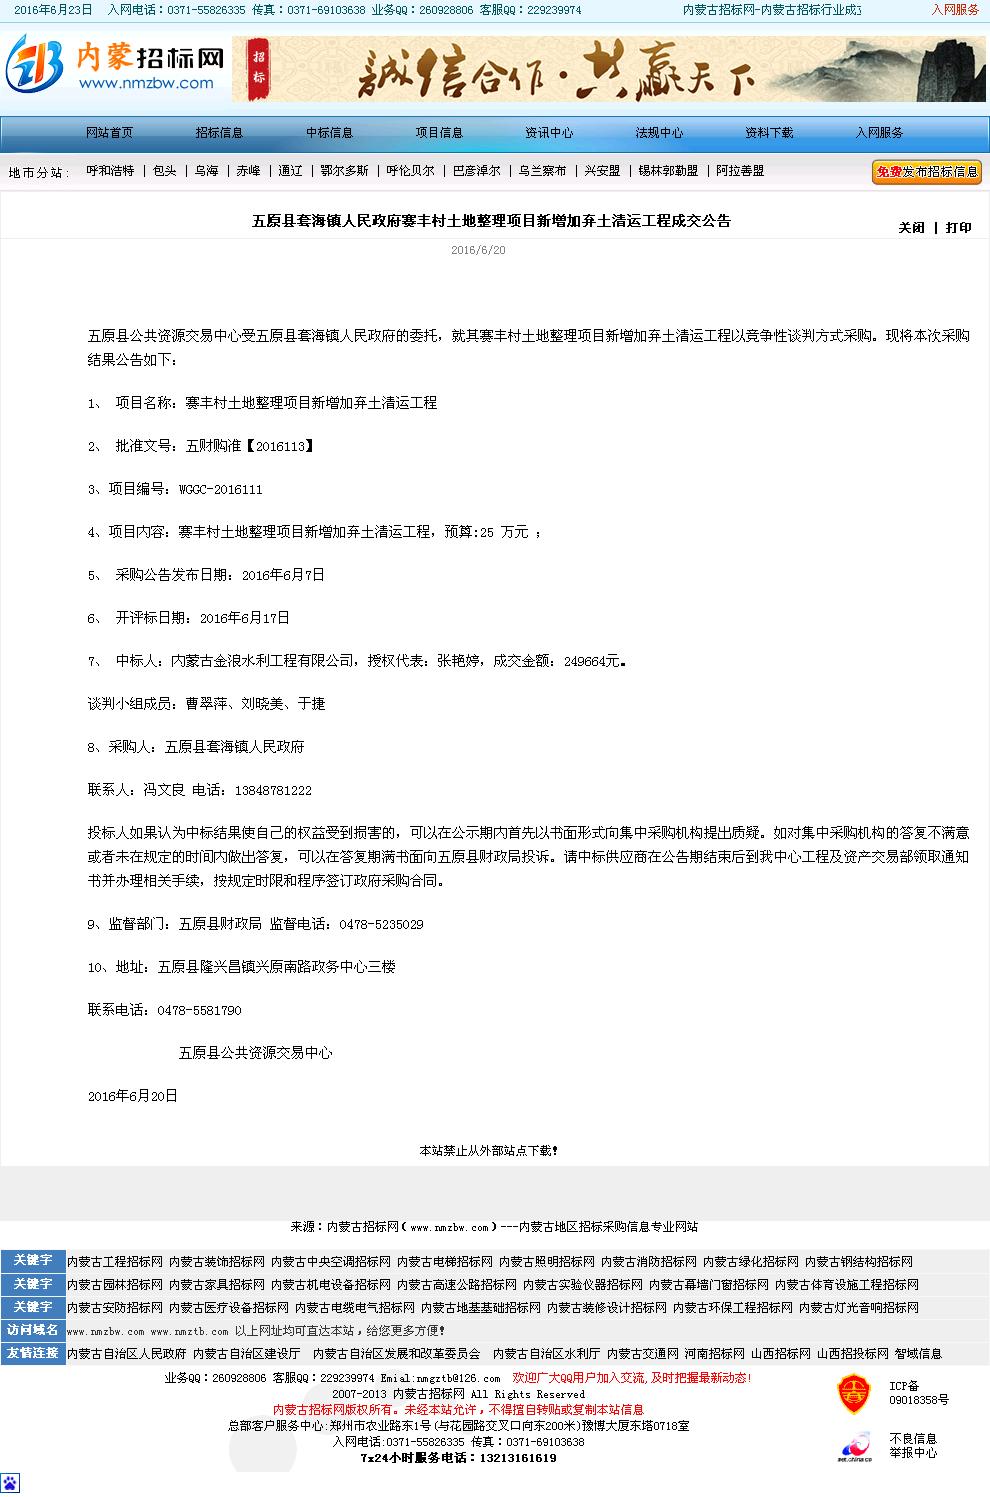 内蒙古金浪水利工程有限公司 五原县套海镇人民政府赛